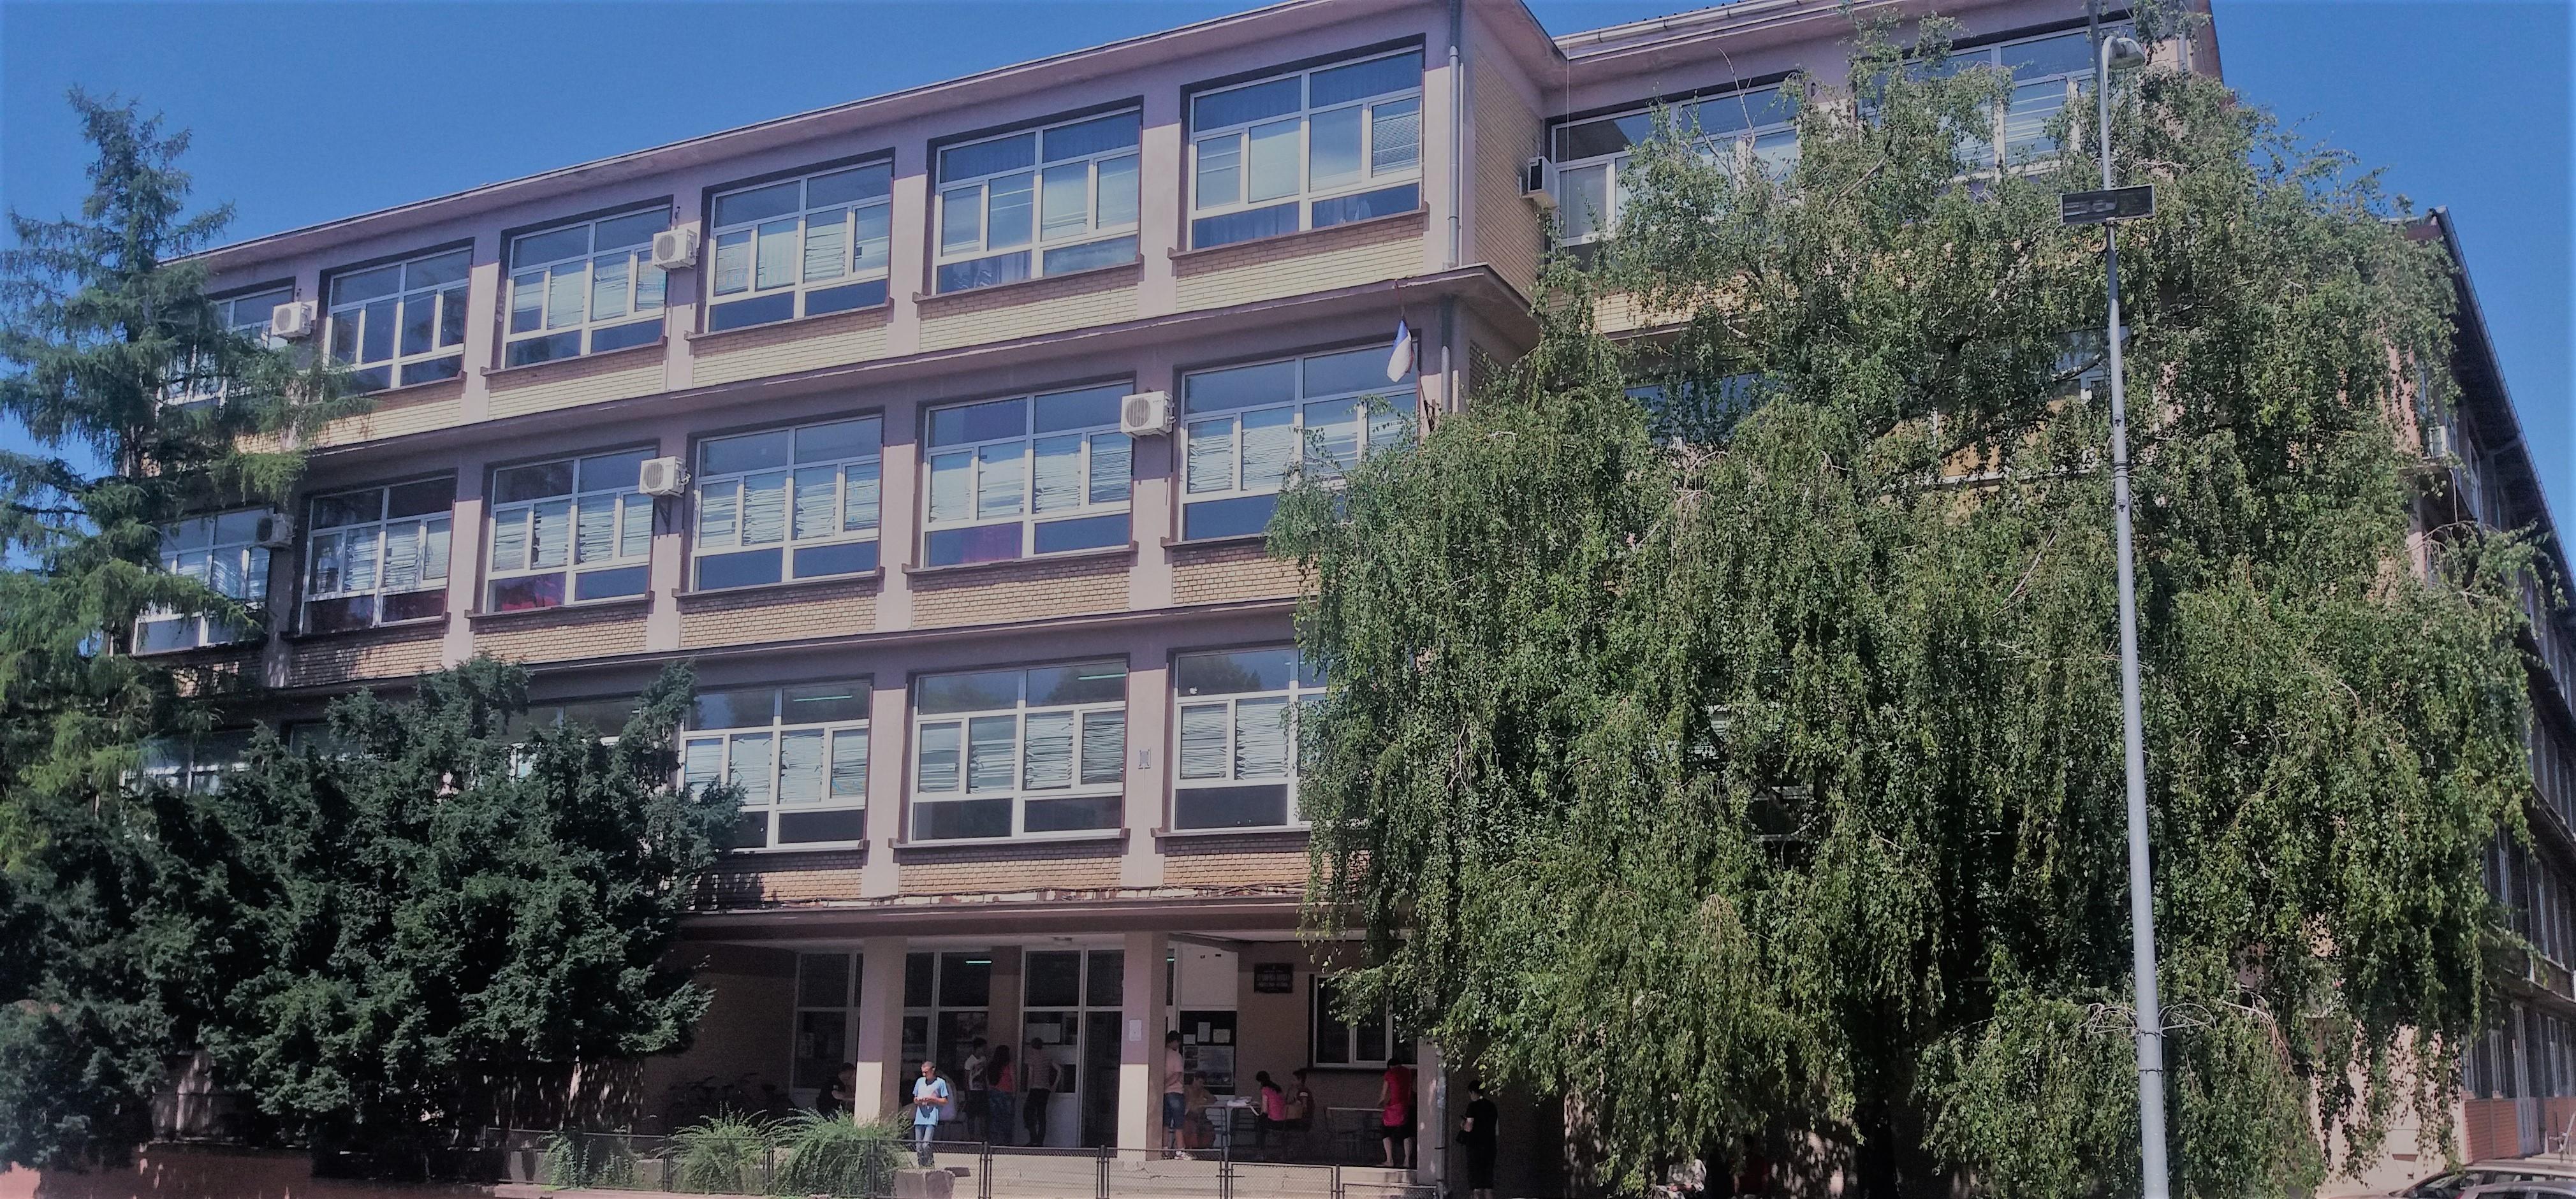 Tehnička škola u Inđiji dobija novi sjaj-osim murala Pupinu i drugi radovi